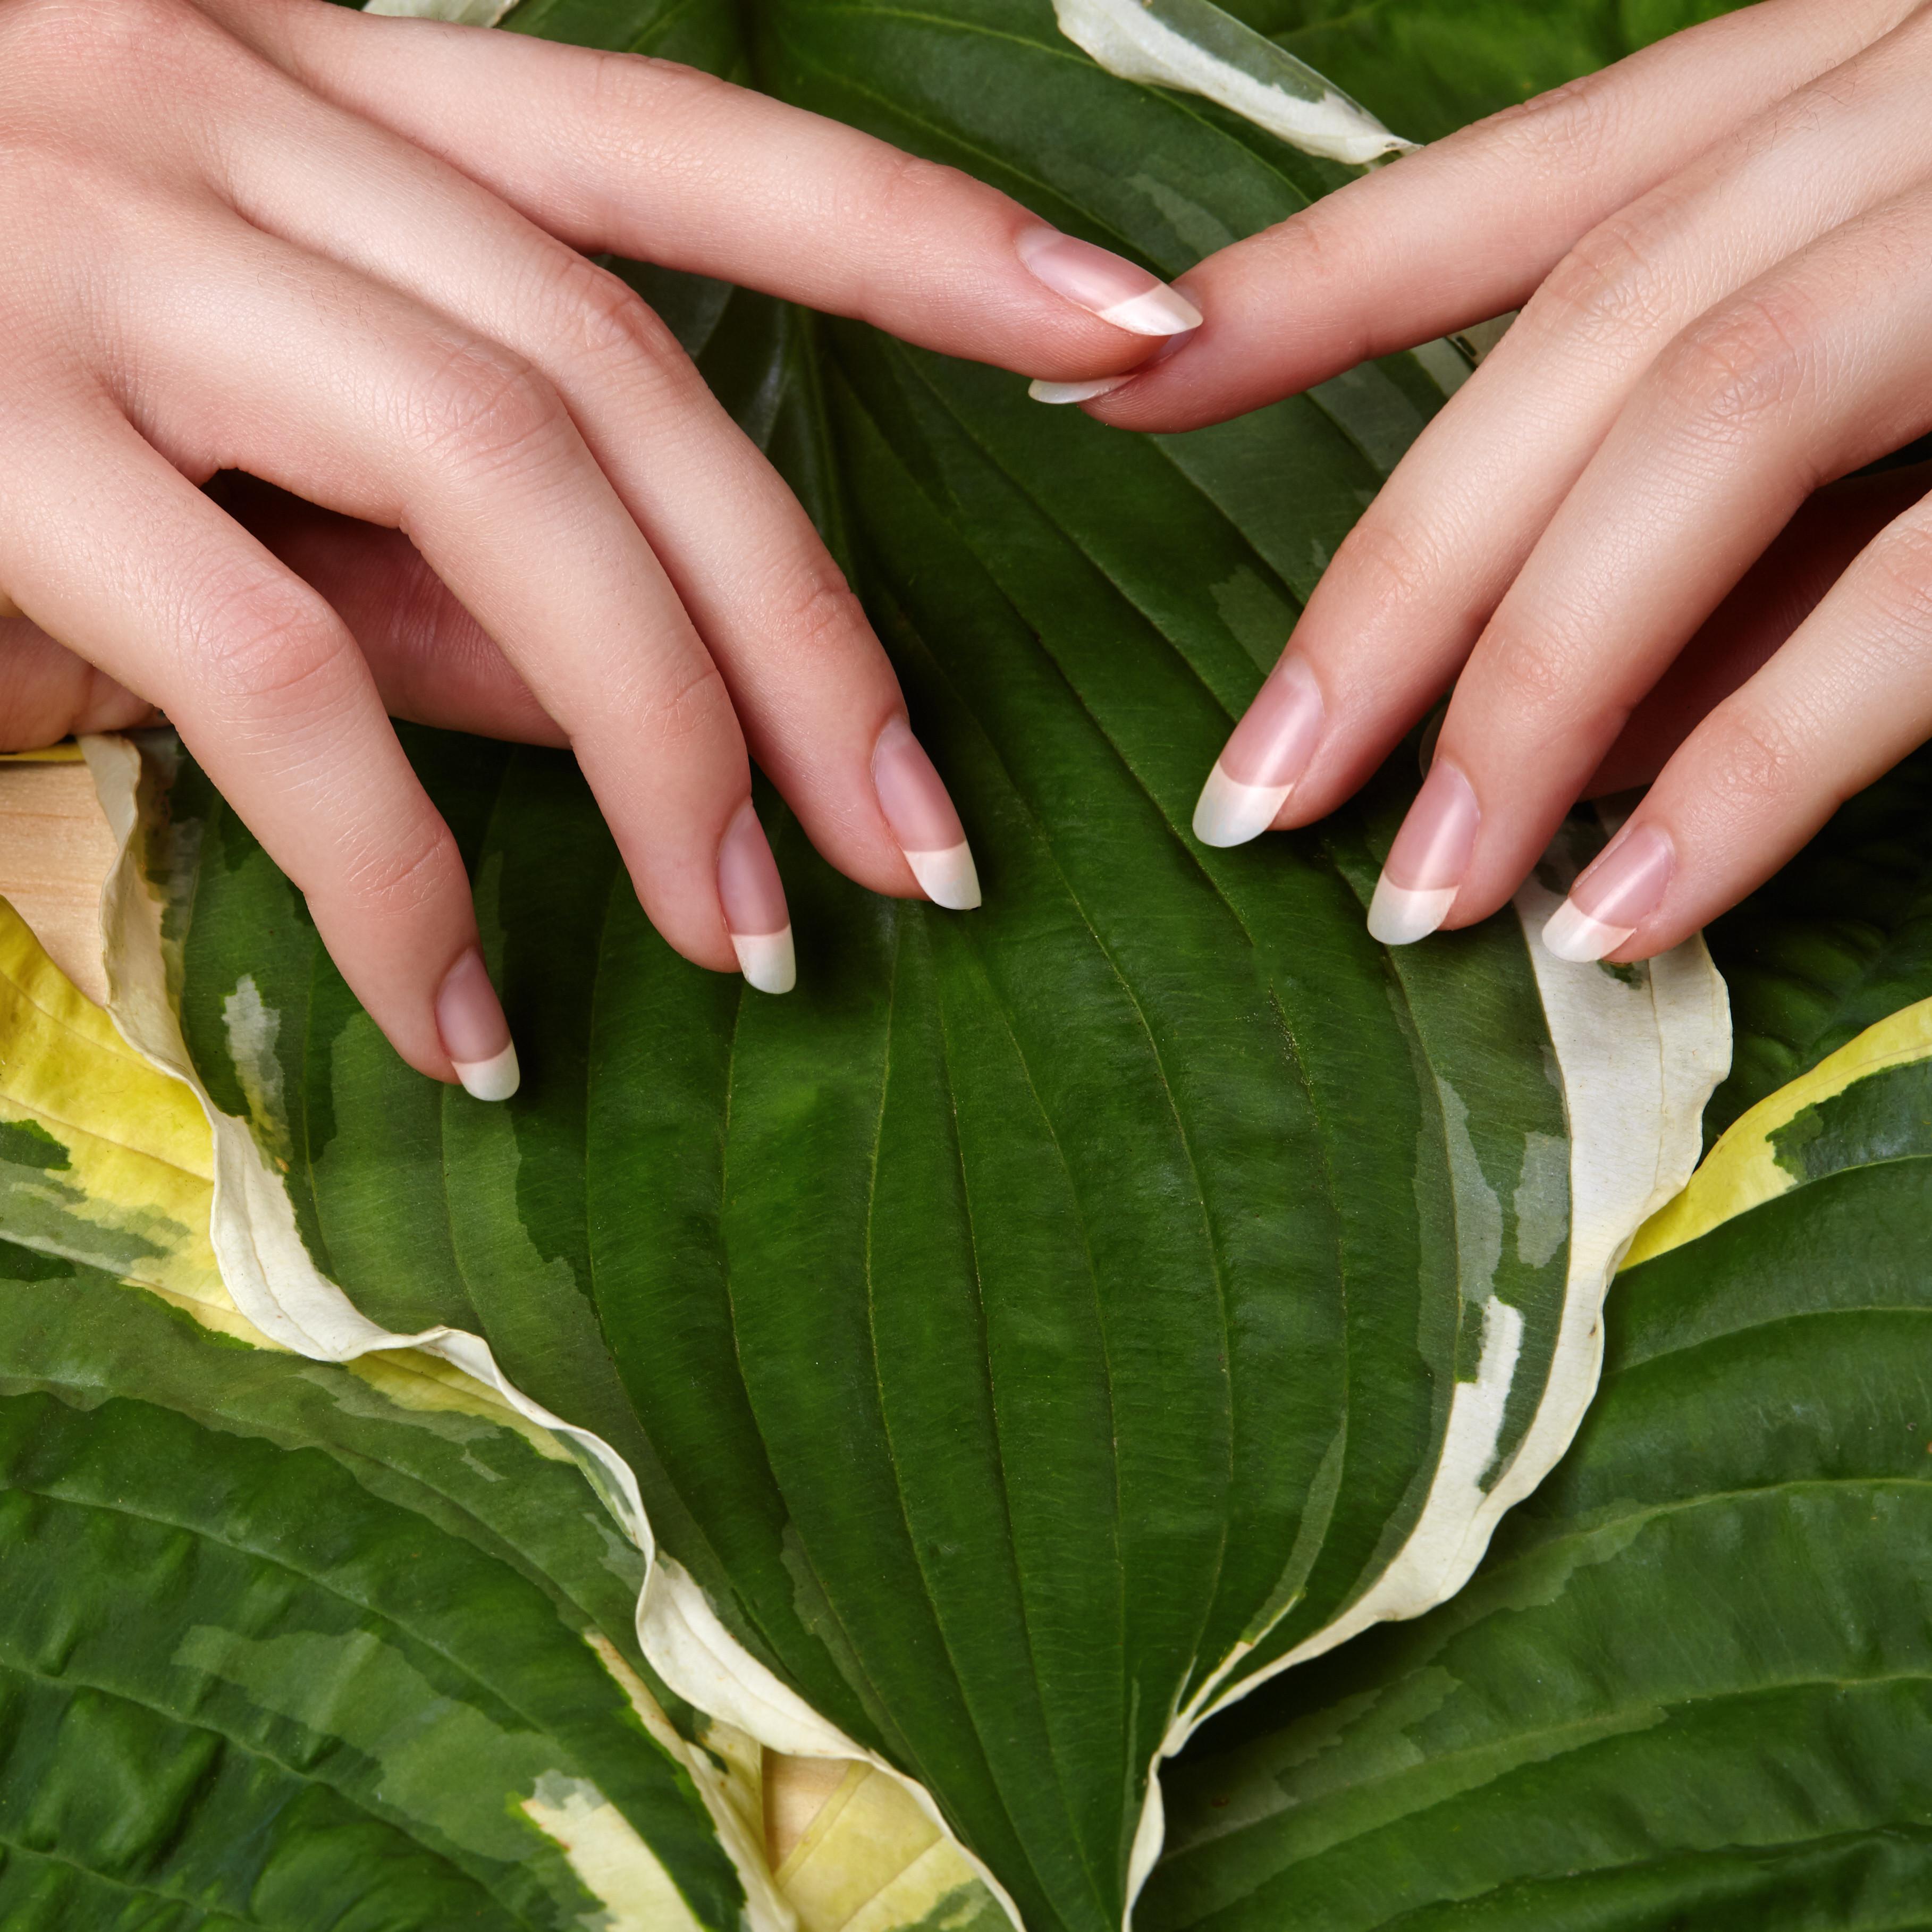 Mantra Manicure